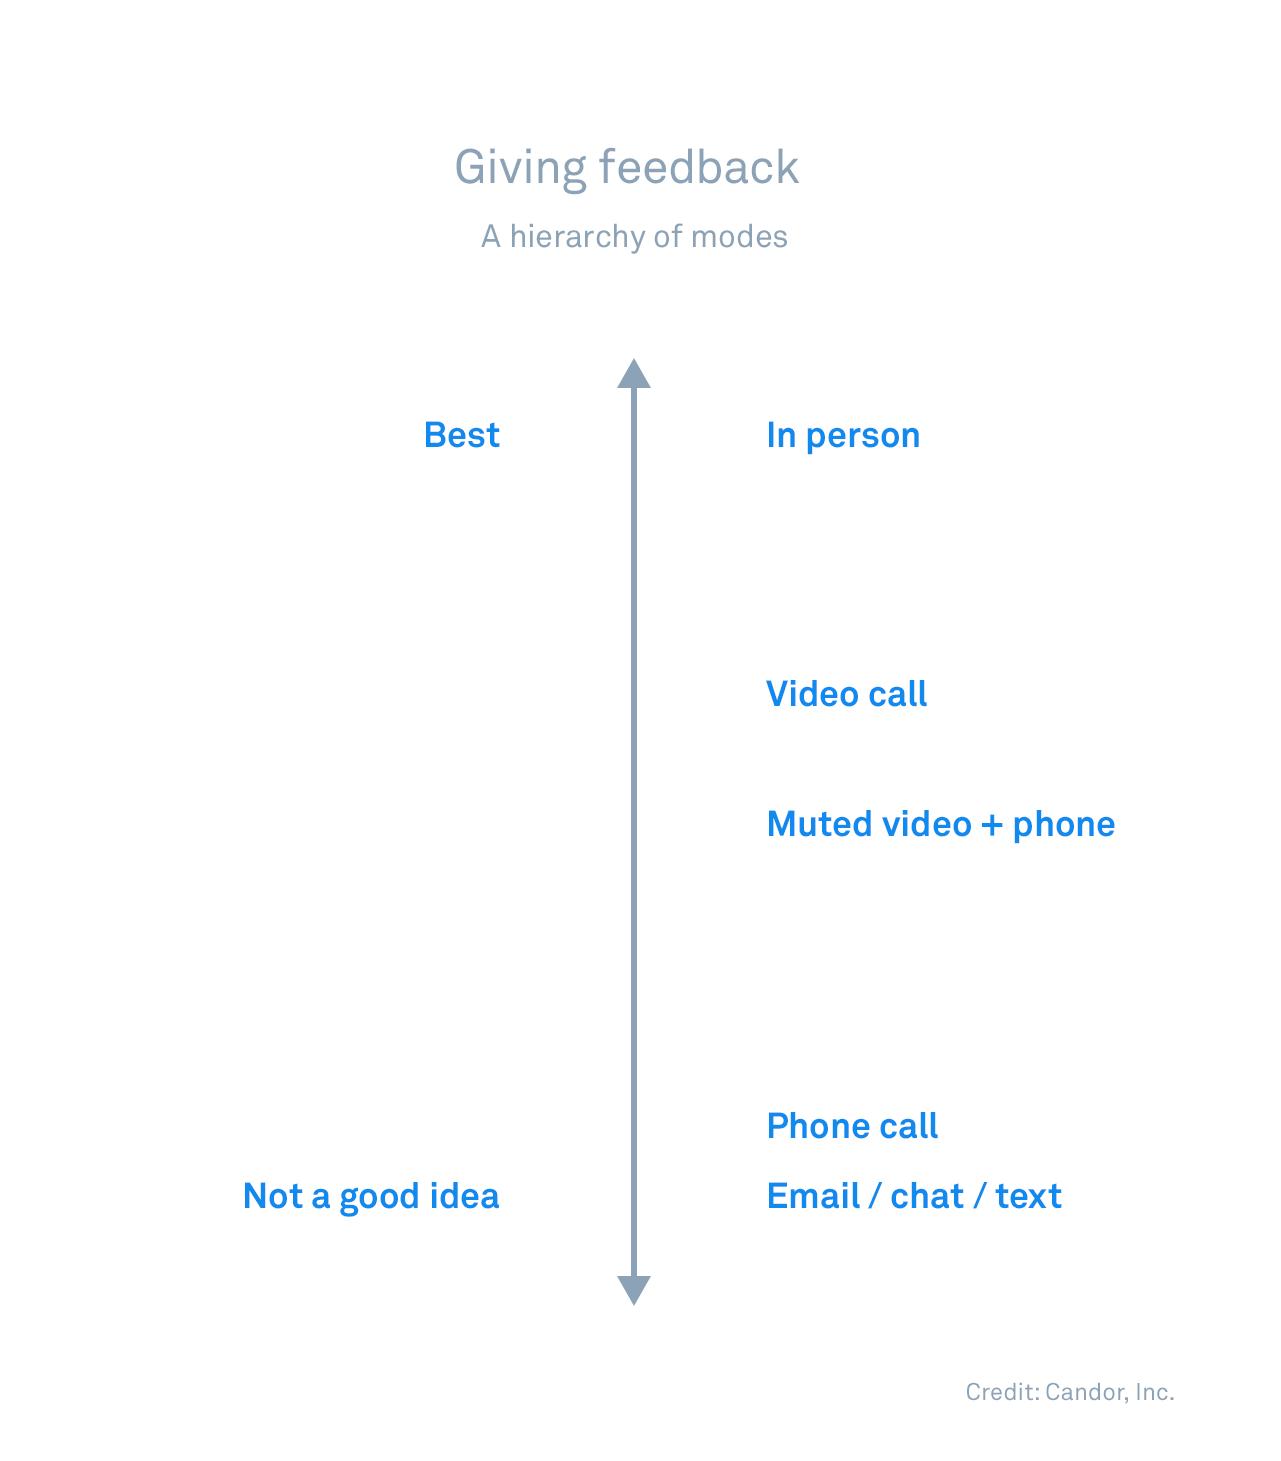 Hierarchy of feedback delivery